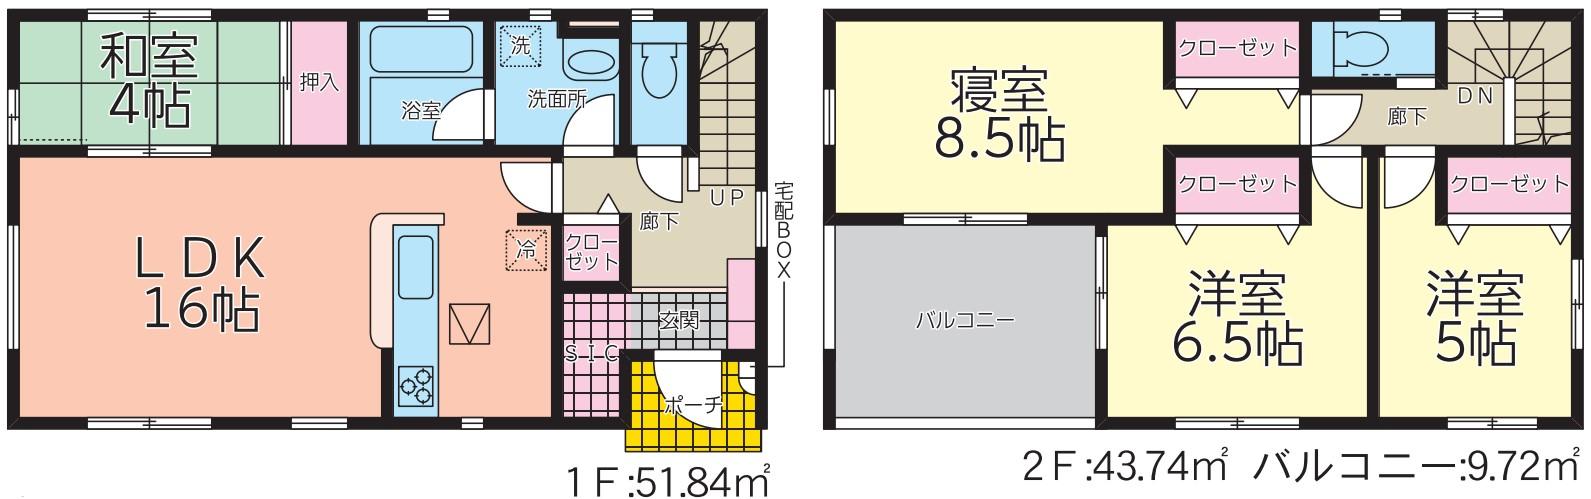 2021072425openhouse